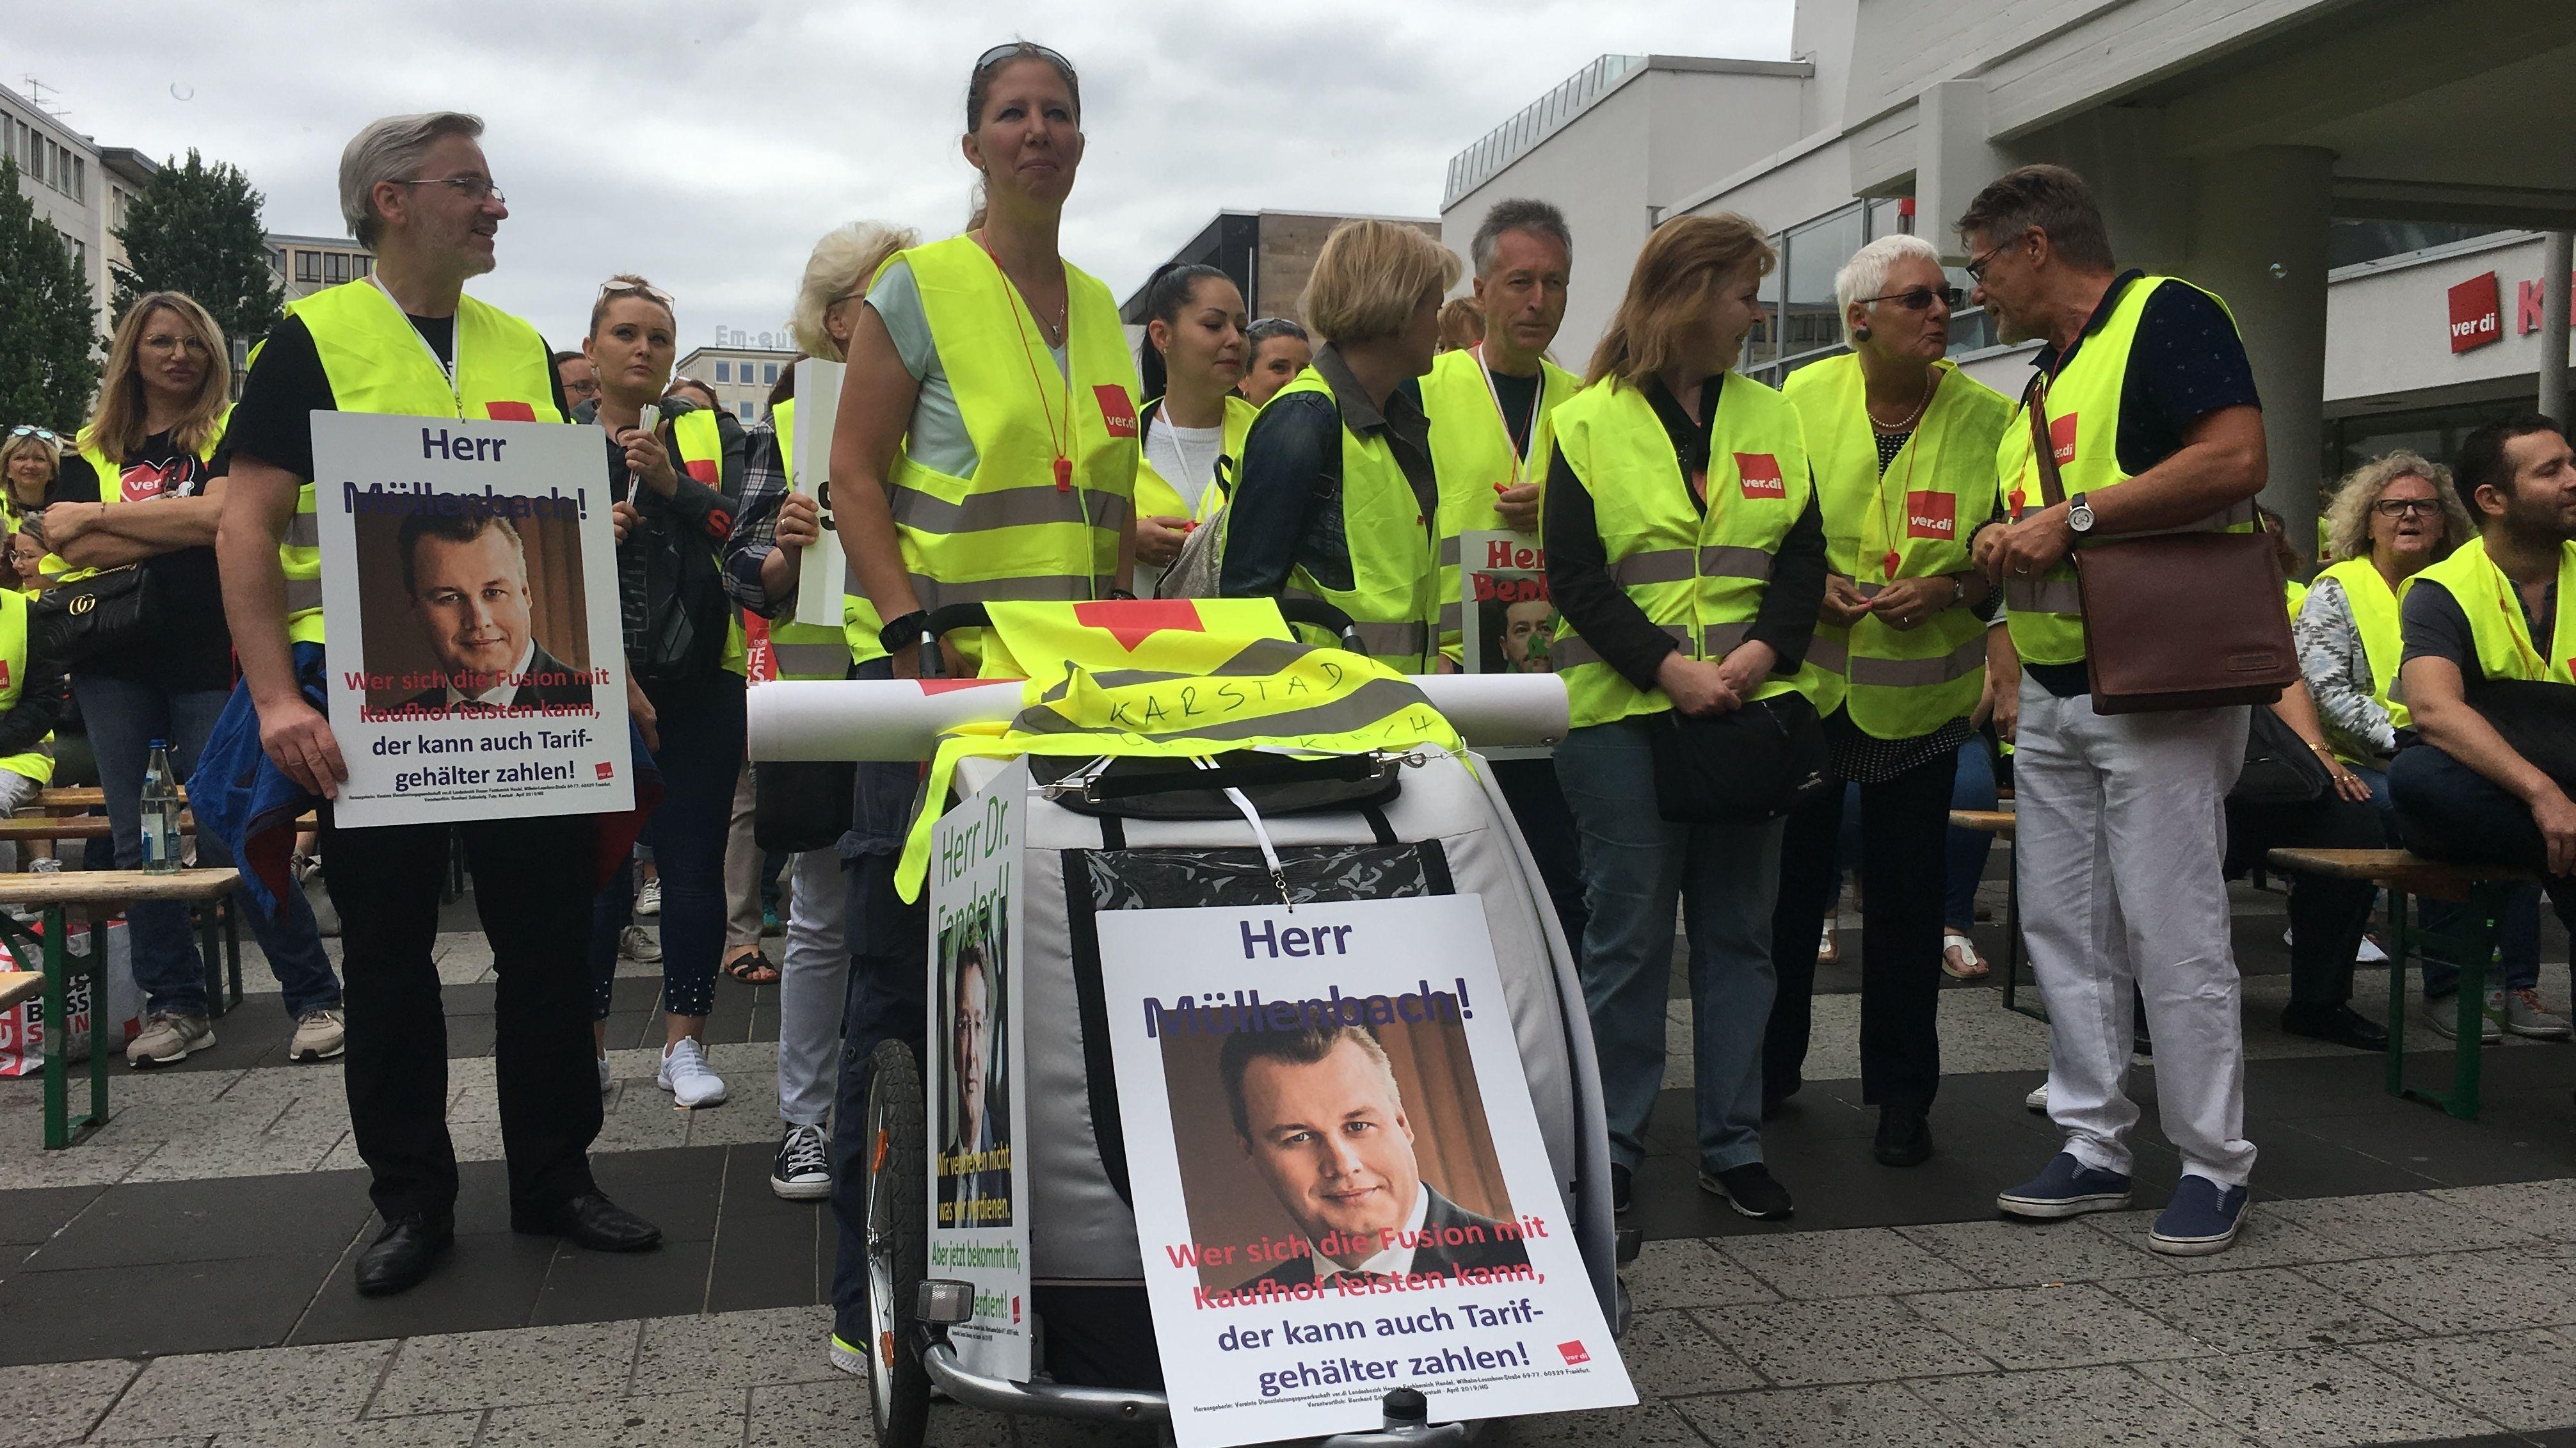 Mitarbeiter des bayerischen Handels bei der Demonstration am Kornmarkt in Nürnberg